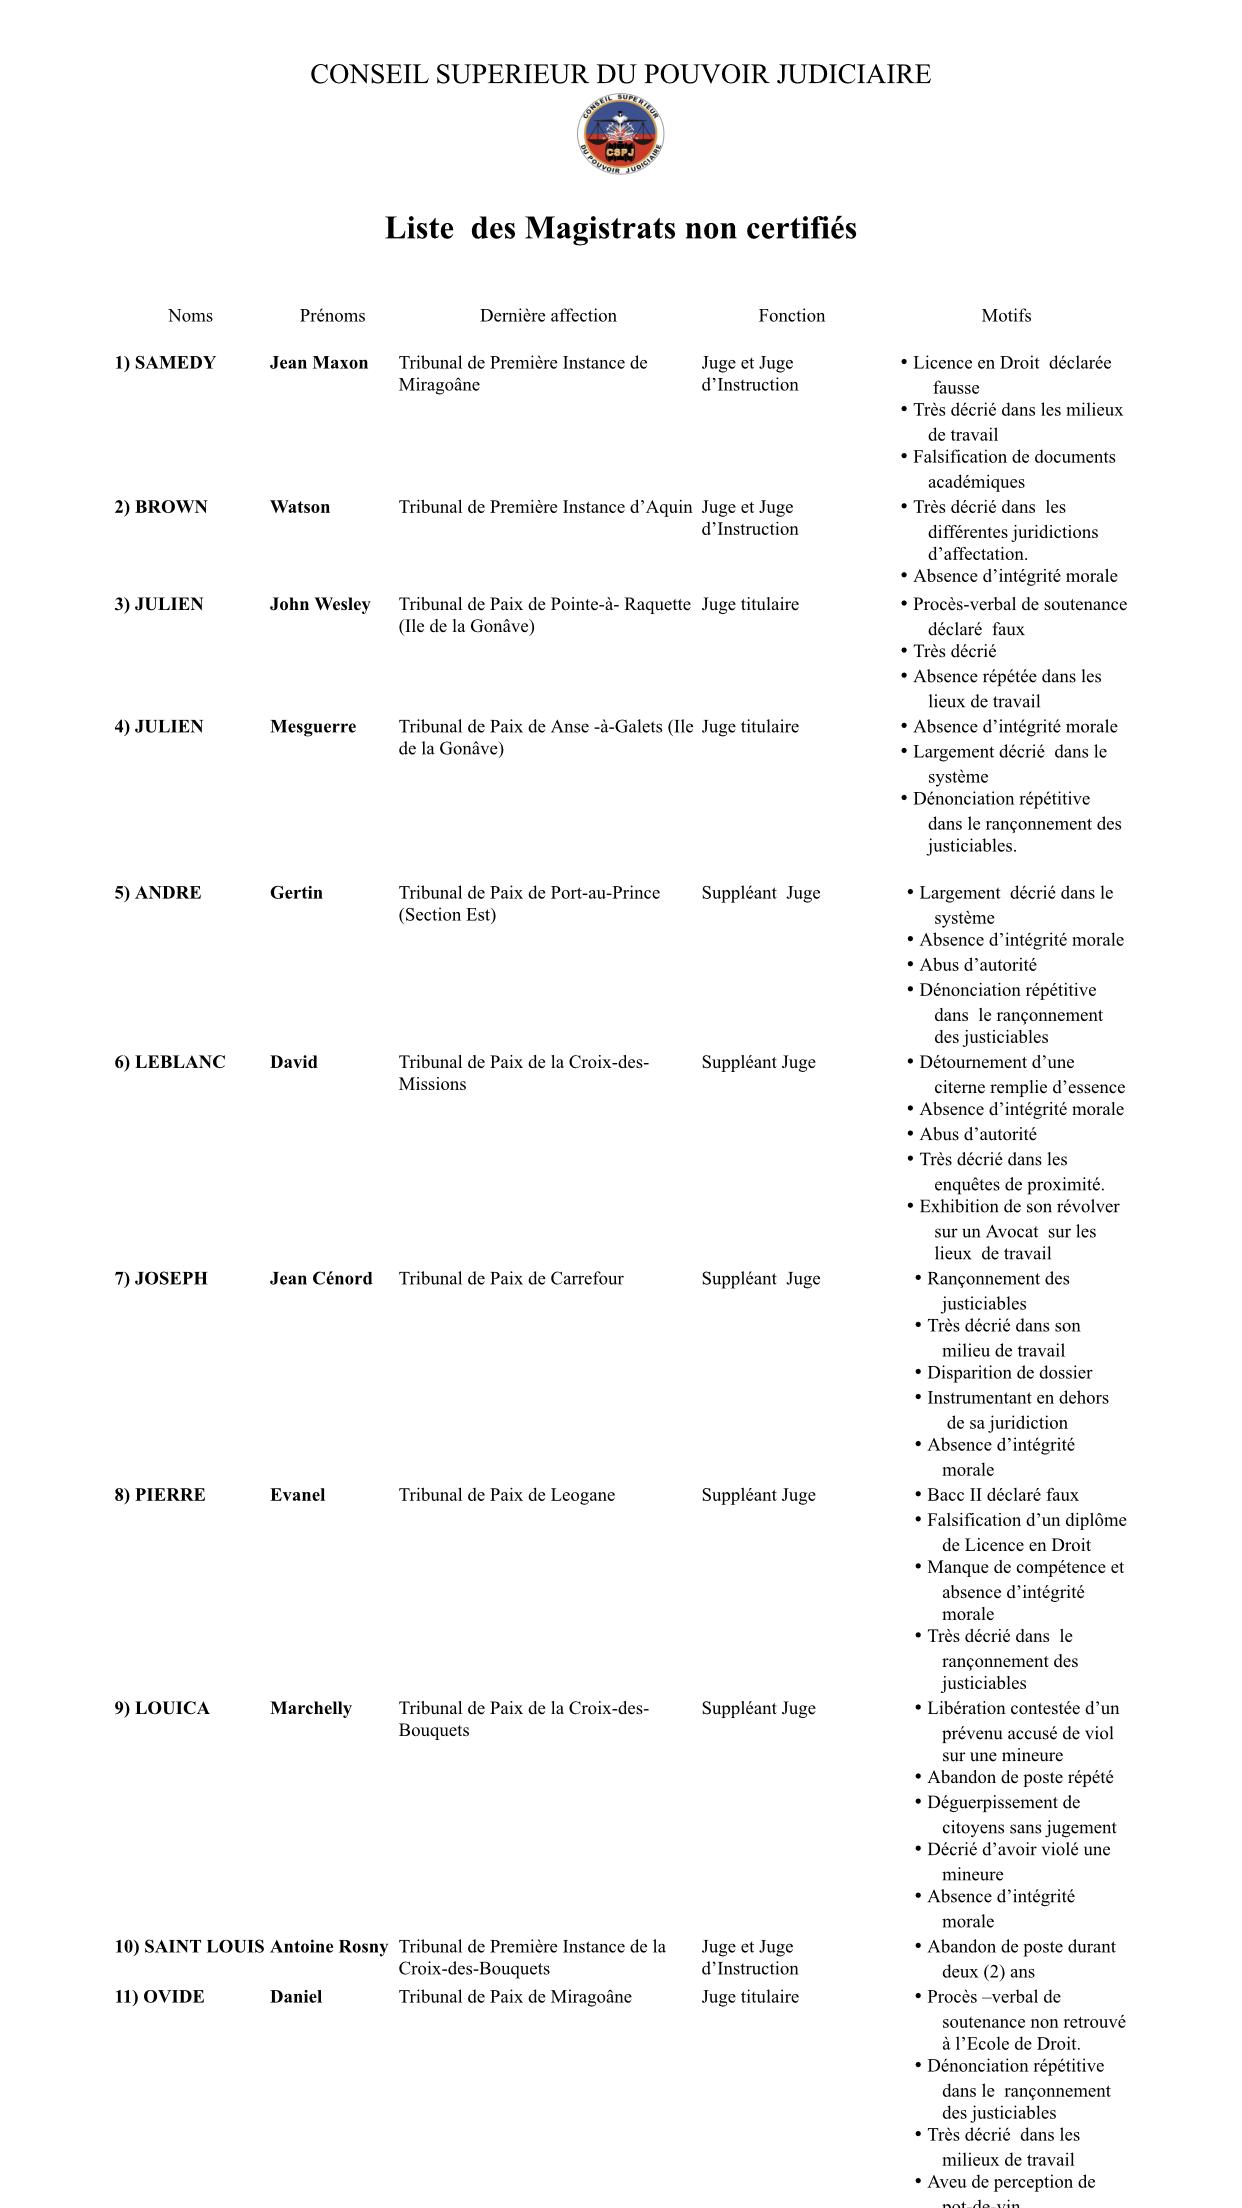 Cspj-Liste des Magistrats non certifiés